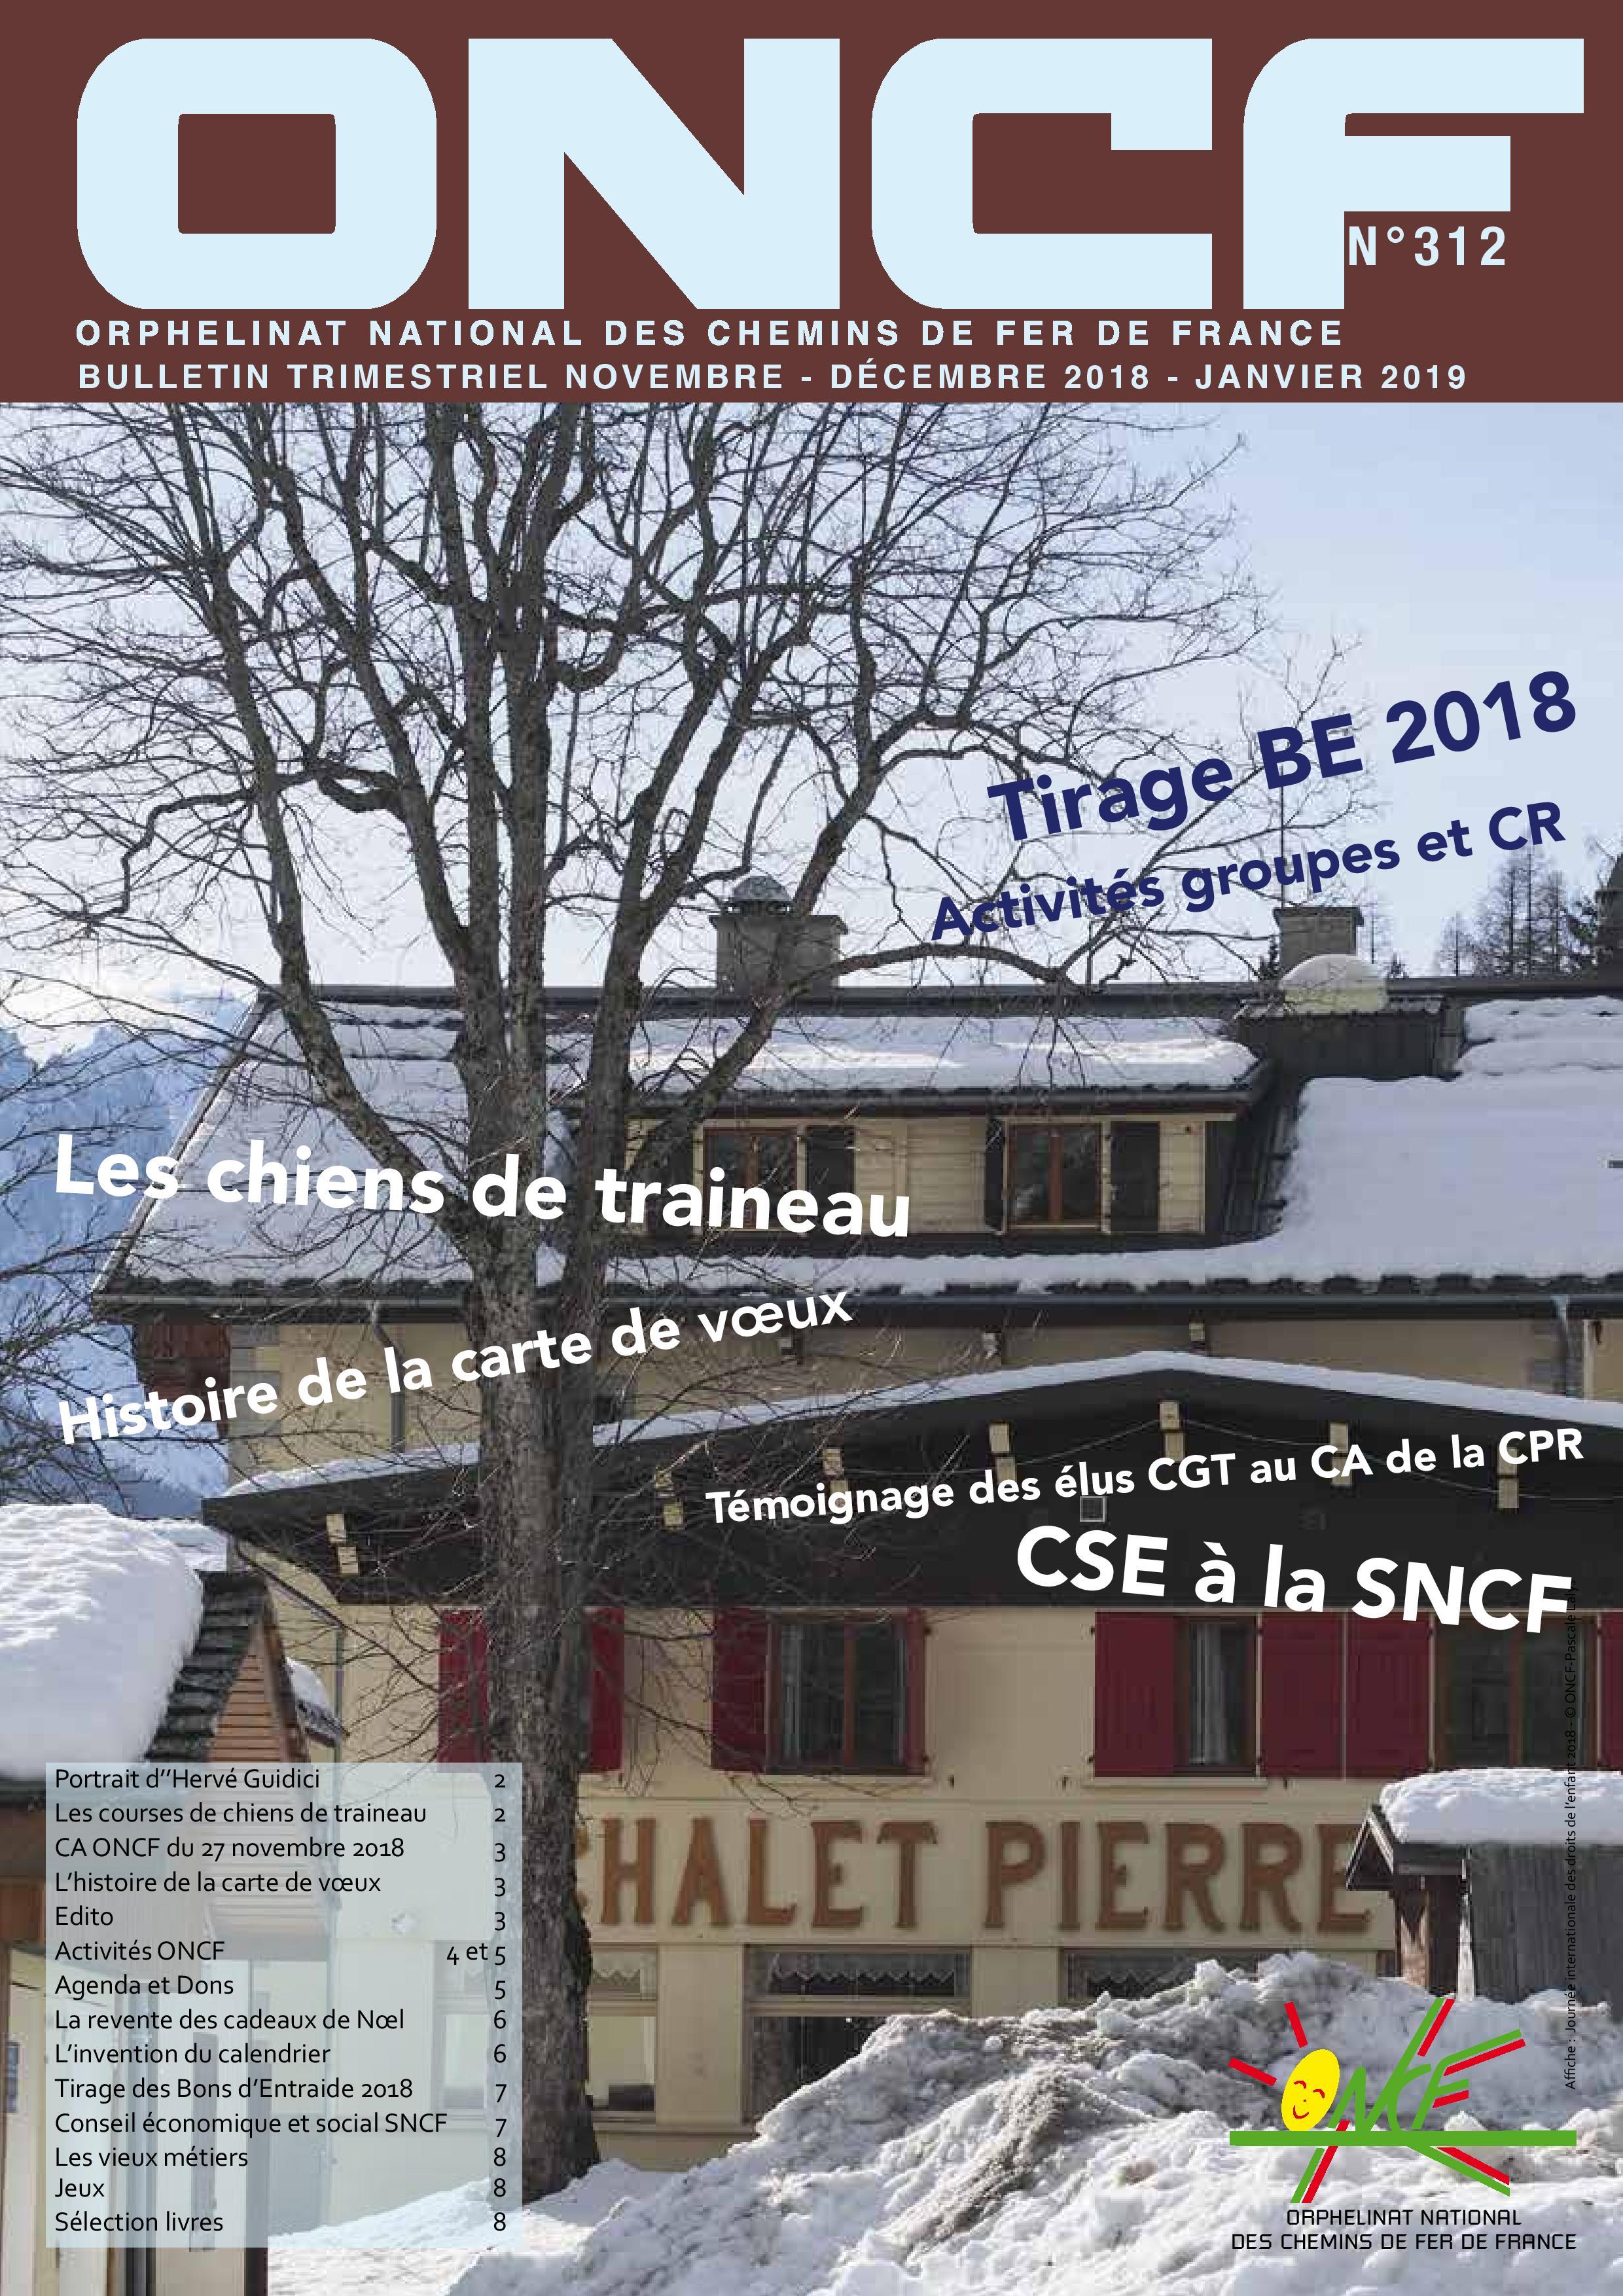 Bulletin de l'Orphelinat n°312